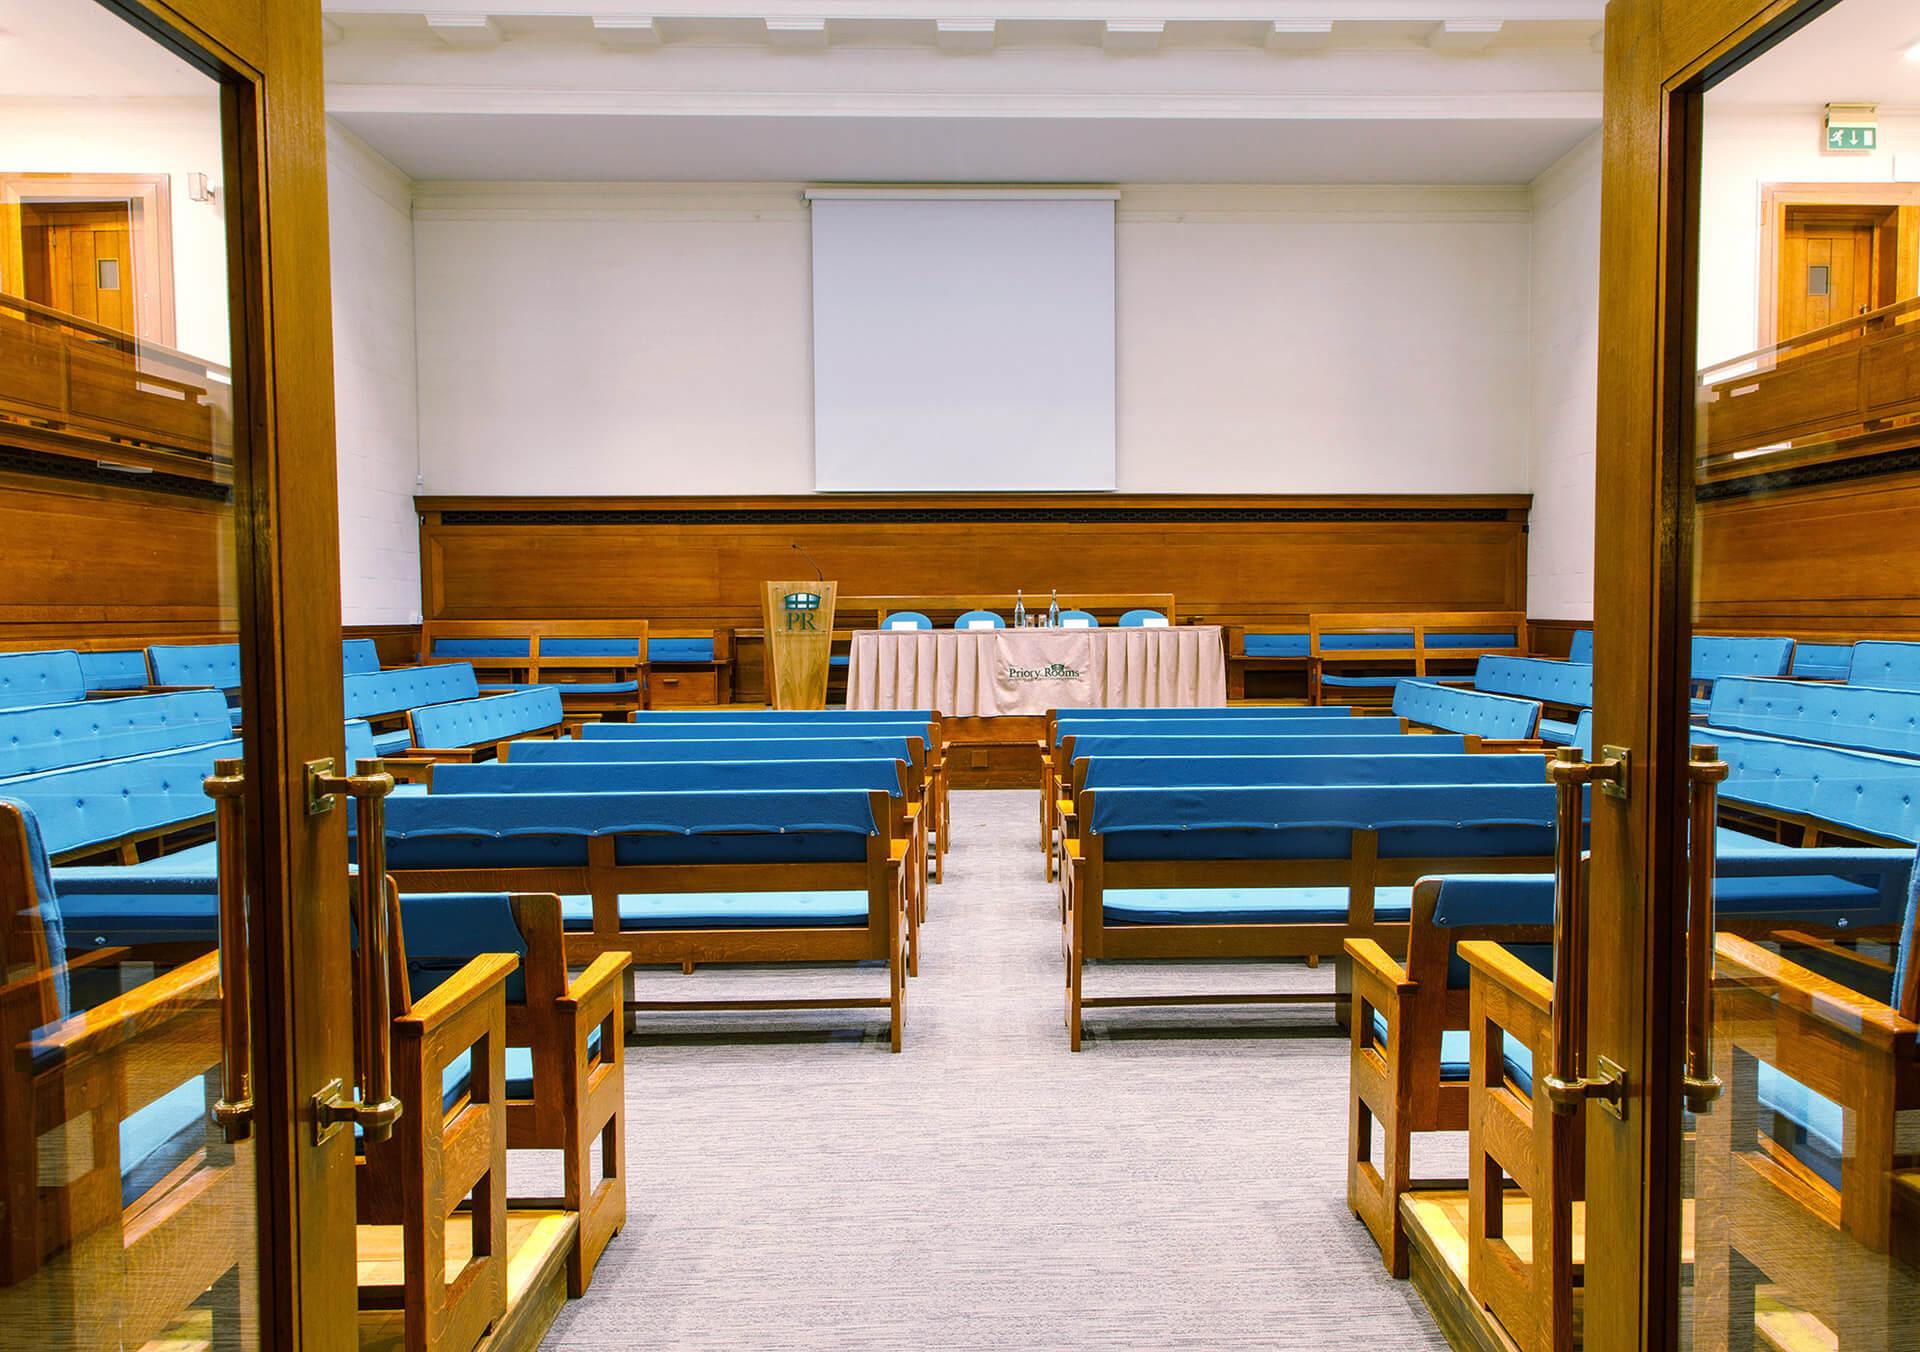 Quaker Meeting Rooms Birmingham